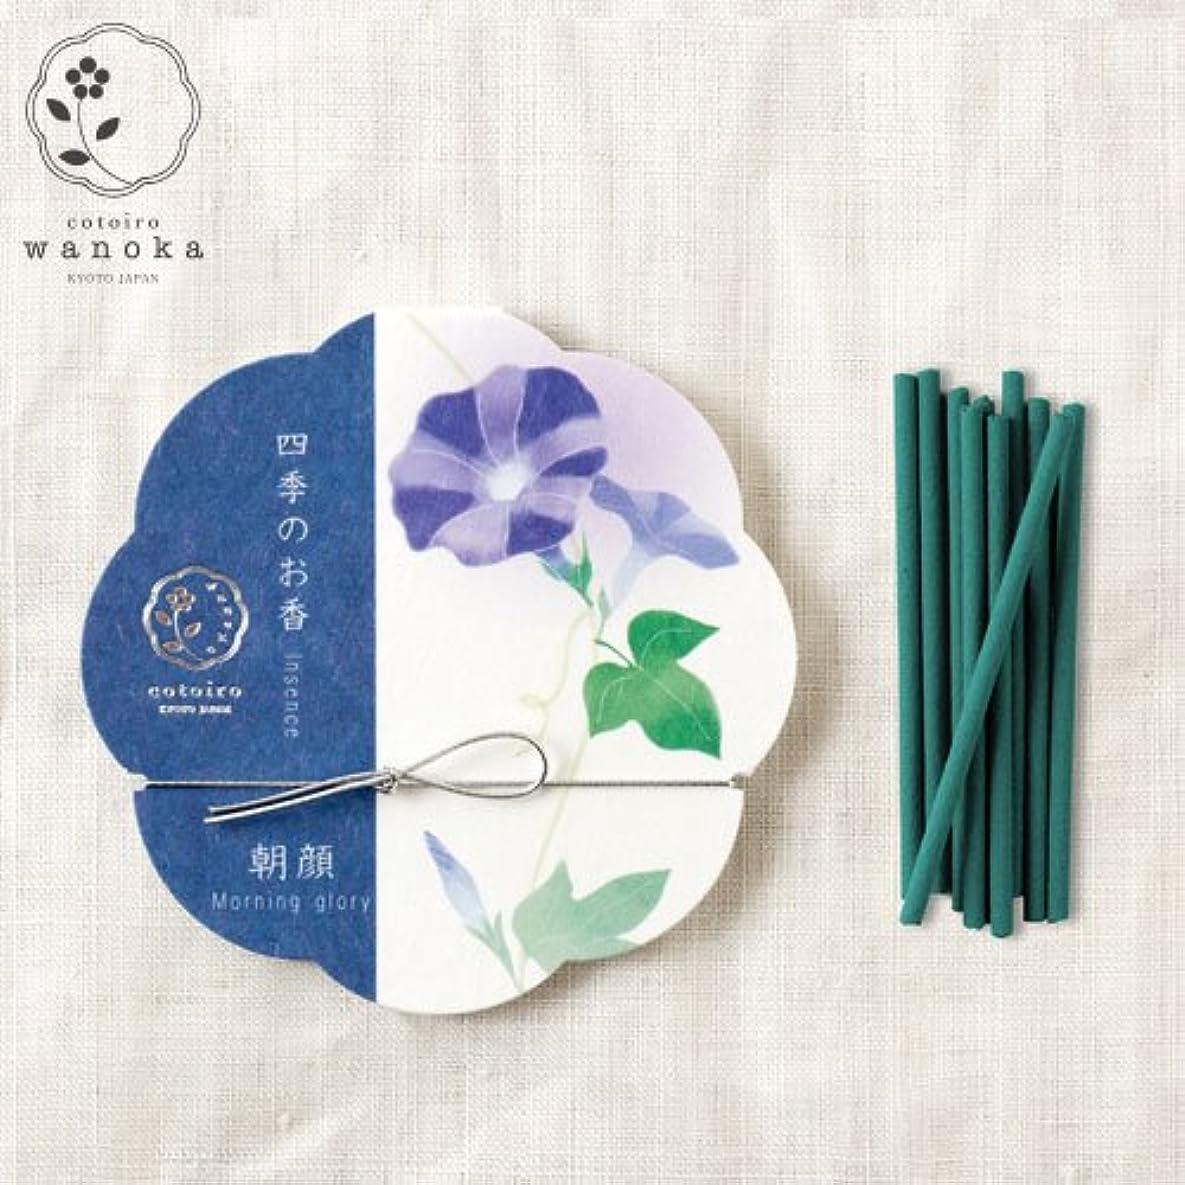 承知しました認知じゃないwanoka四季のお香(インセンス)朝顔《涼しげな朝顔をイメージした香り》ART LABIncense stick